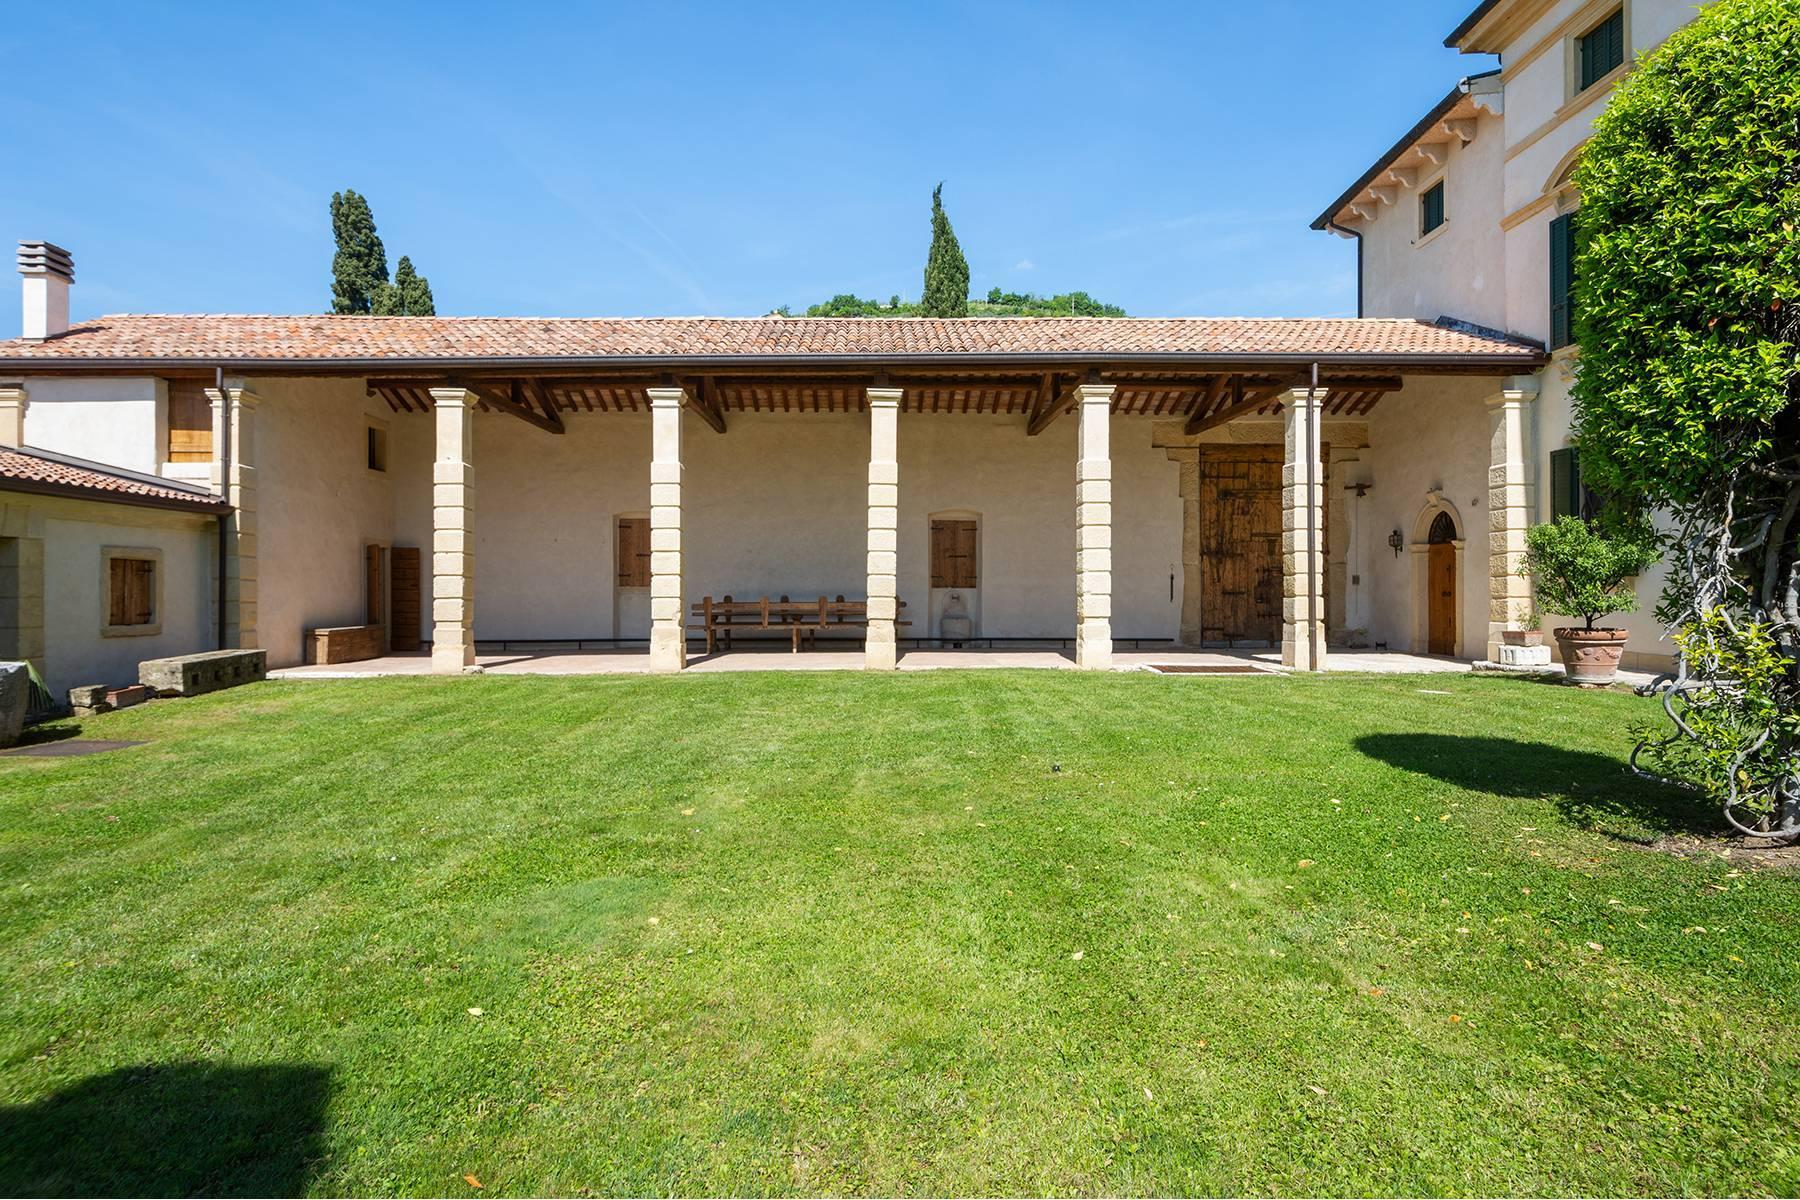 Historische Villa mit Park und prächtigem alten Keller, umgeben von Weinbergen - 28